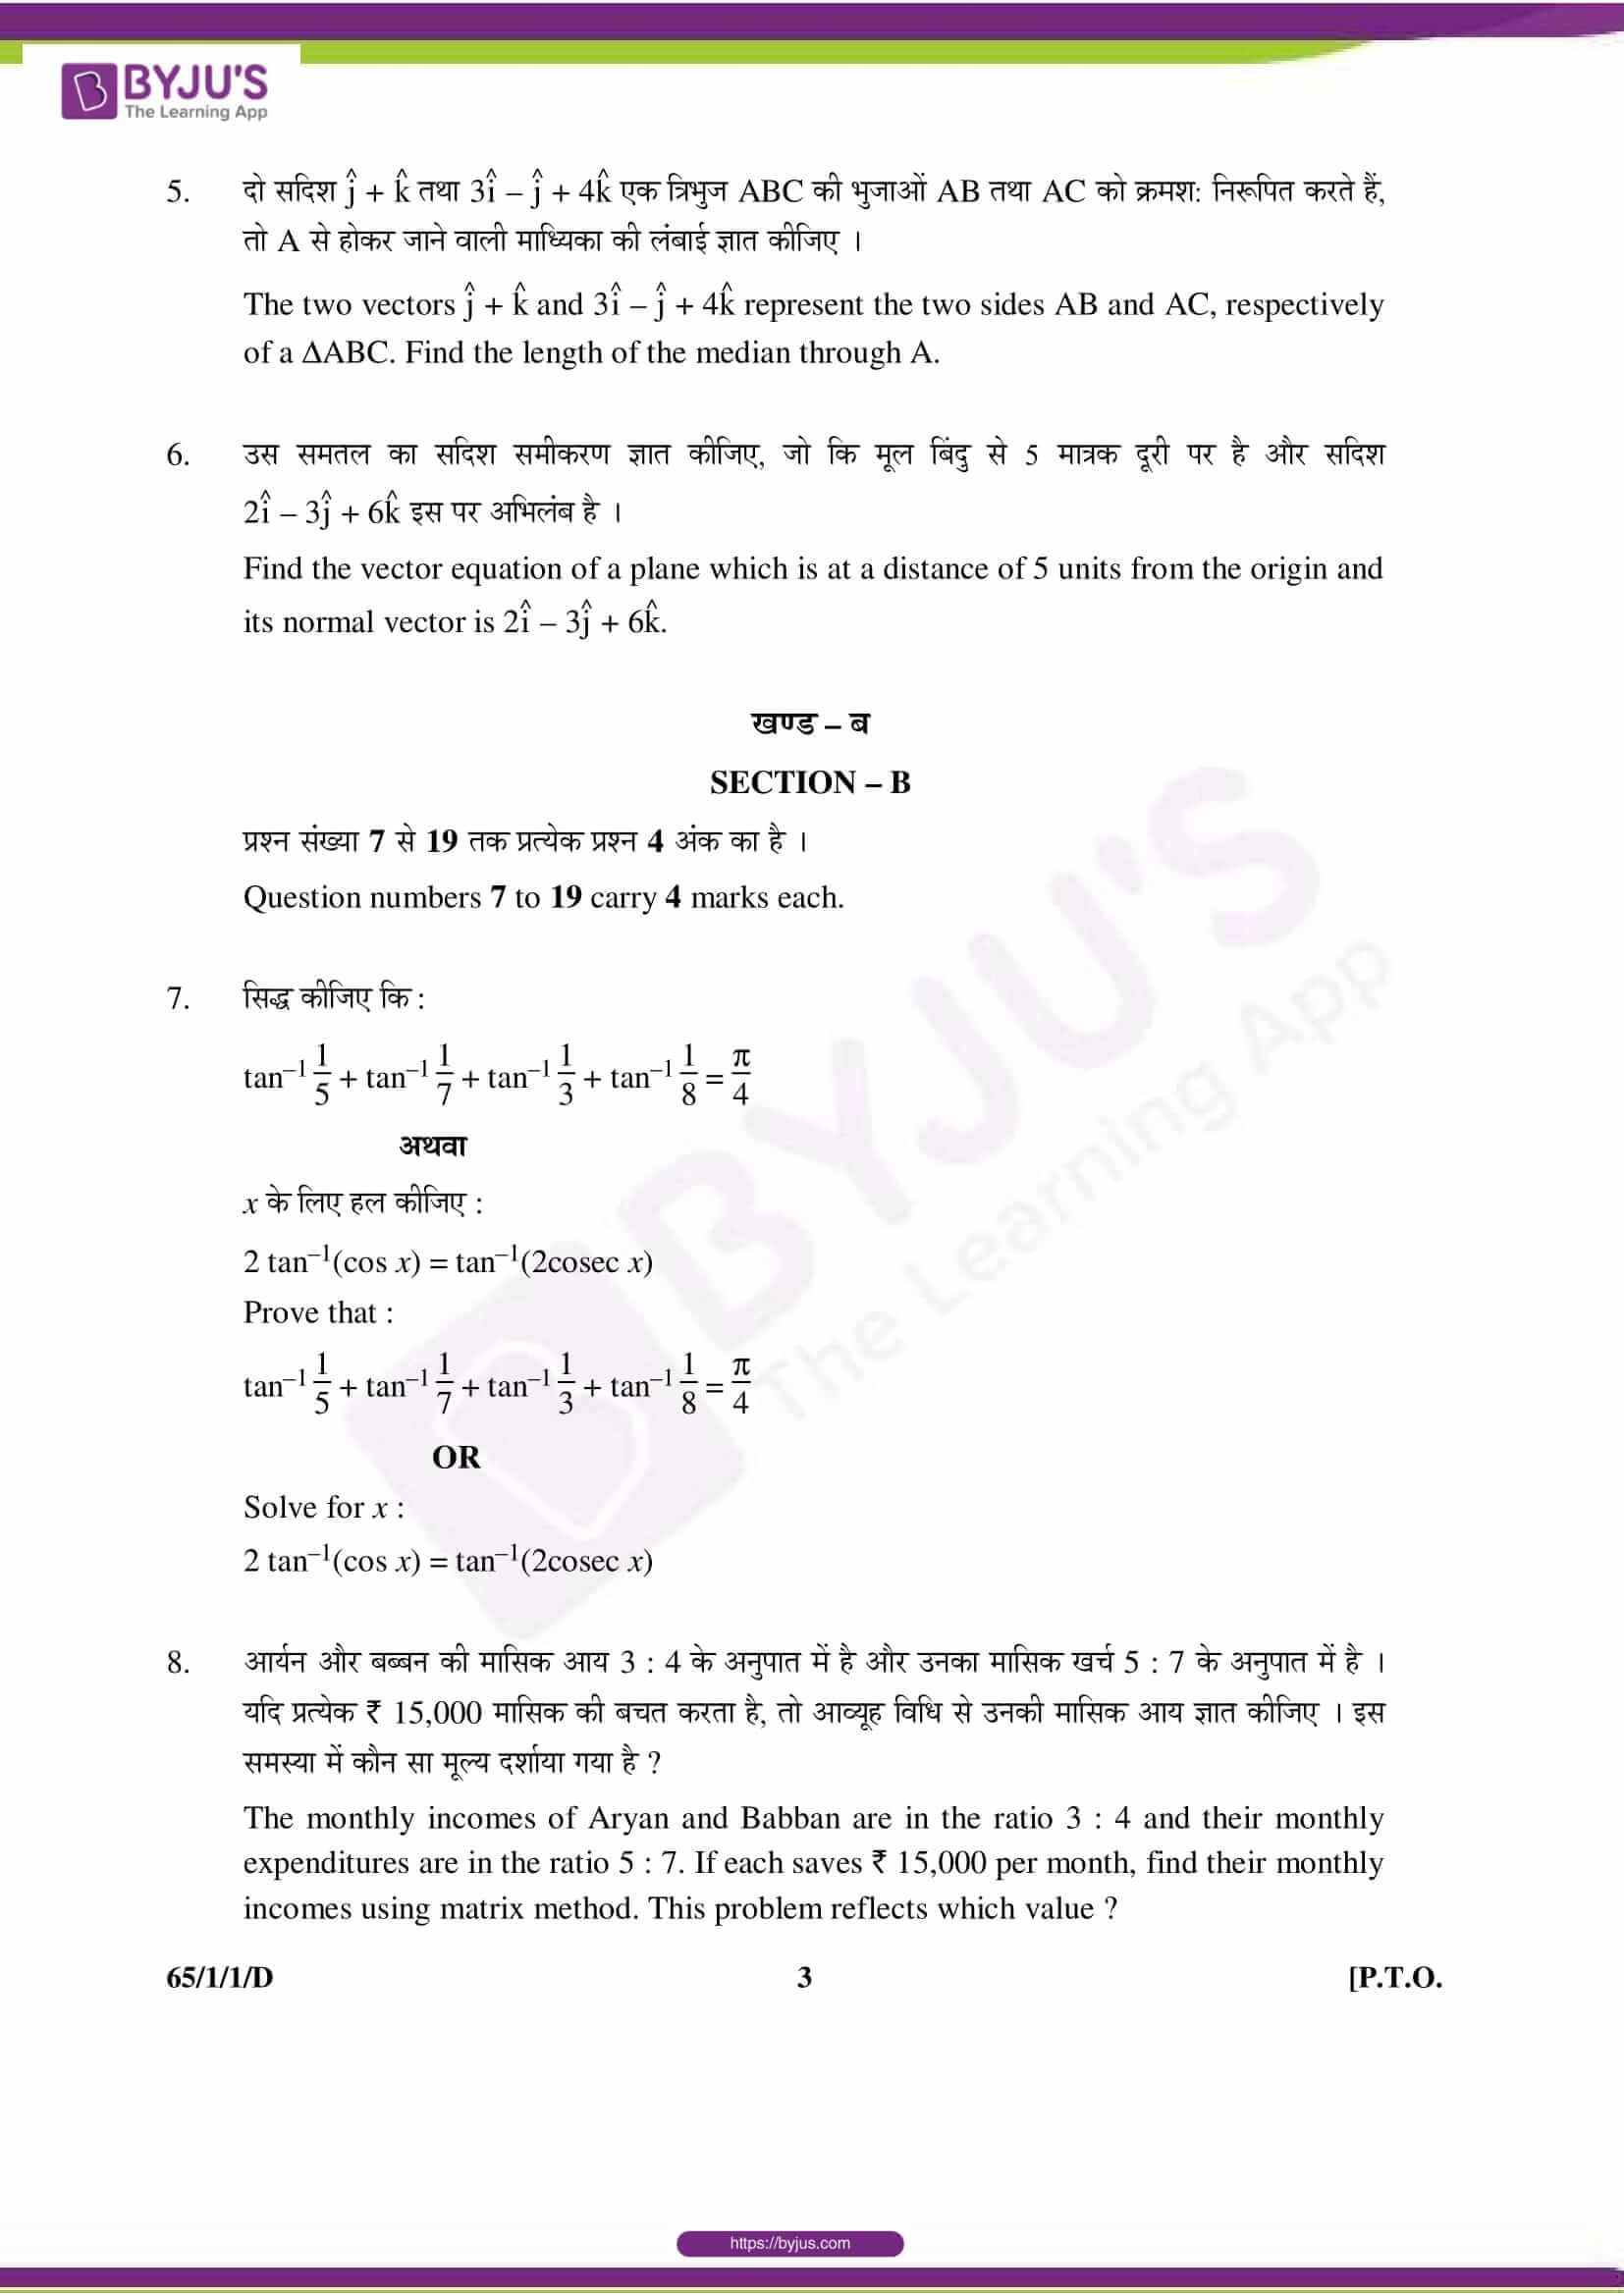 cbse class 12 maths 2016 question paper set 1